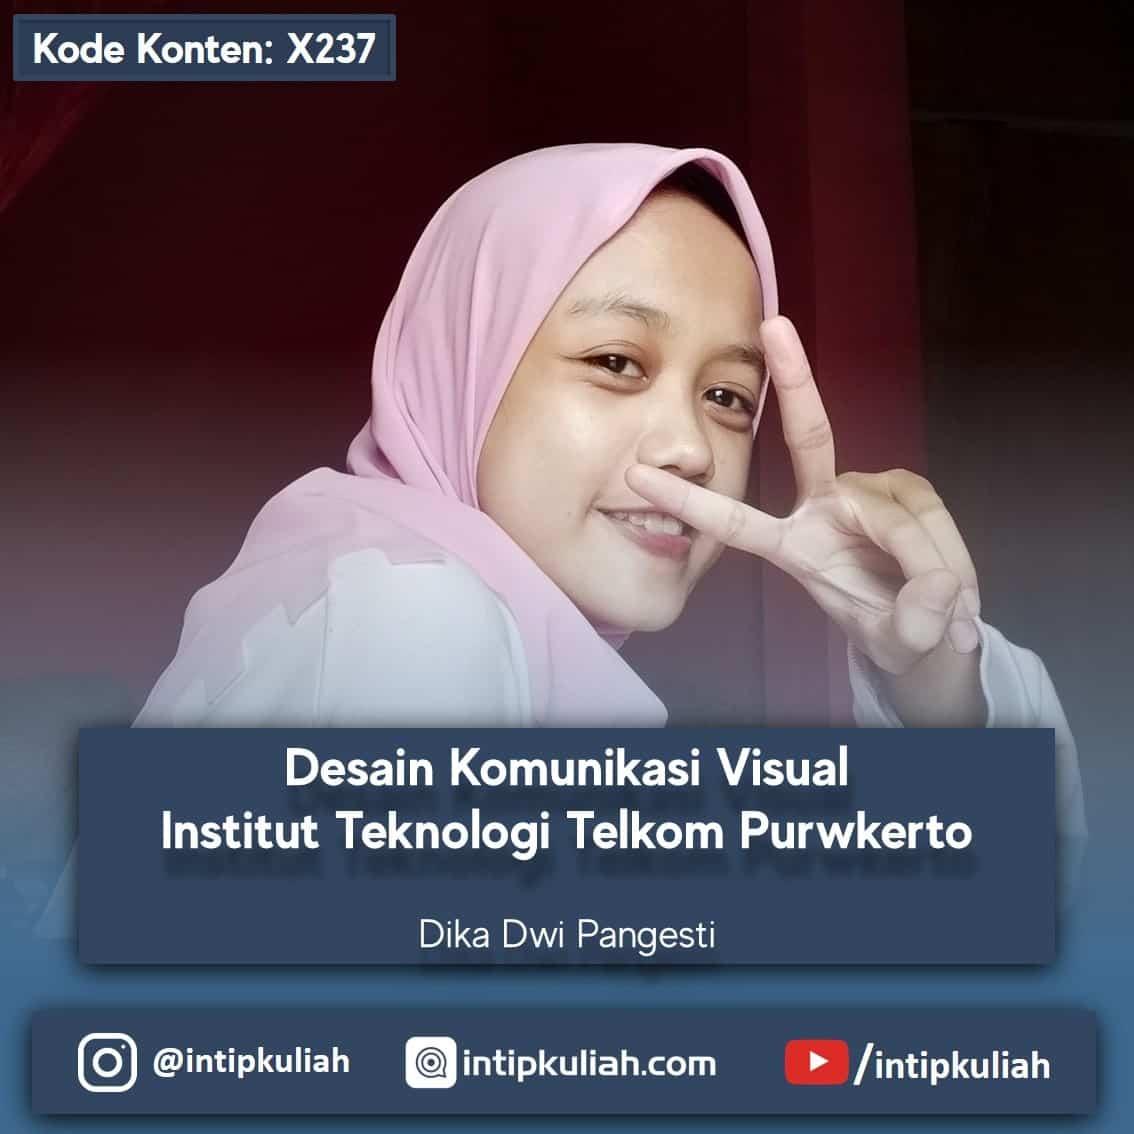 Desain Komunikasi Visual Institut Teknologi Telkom Purwokerto (Dika)